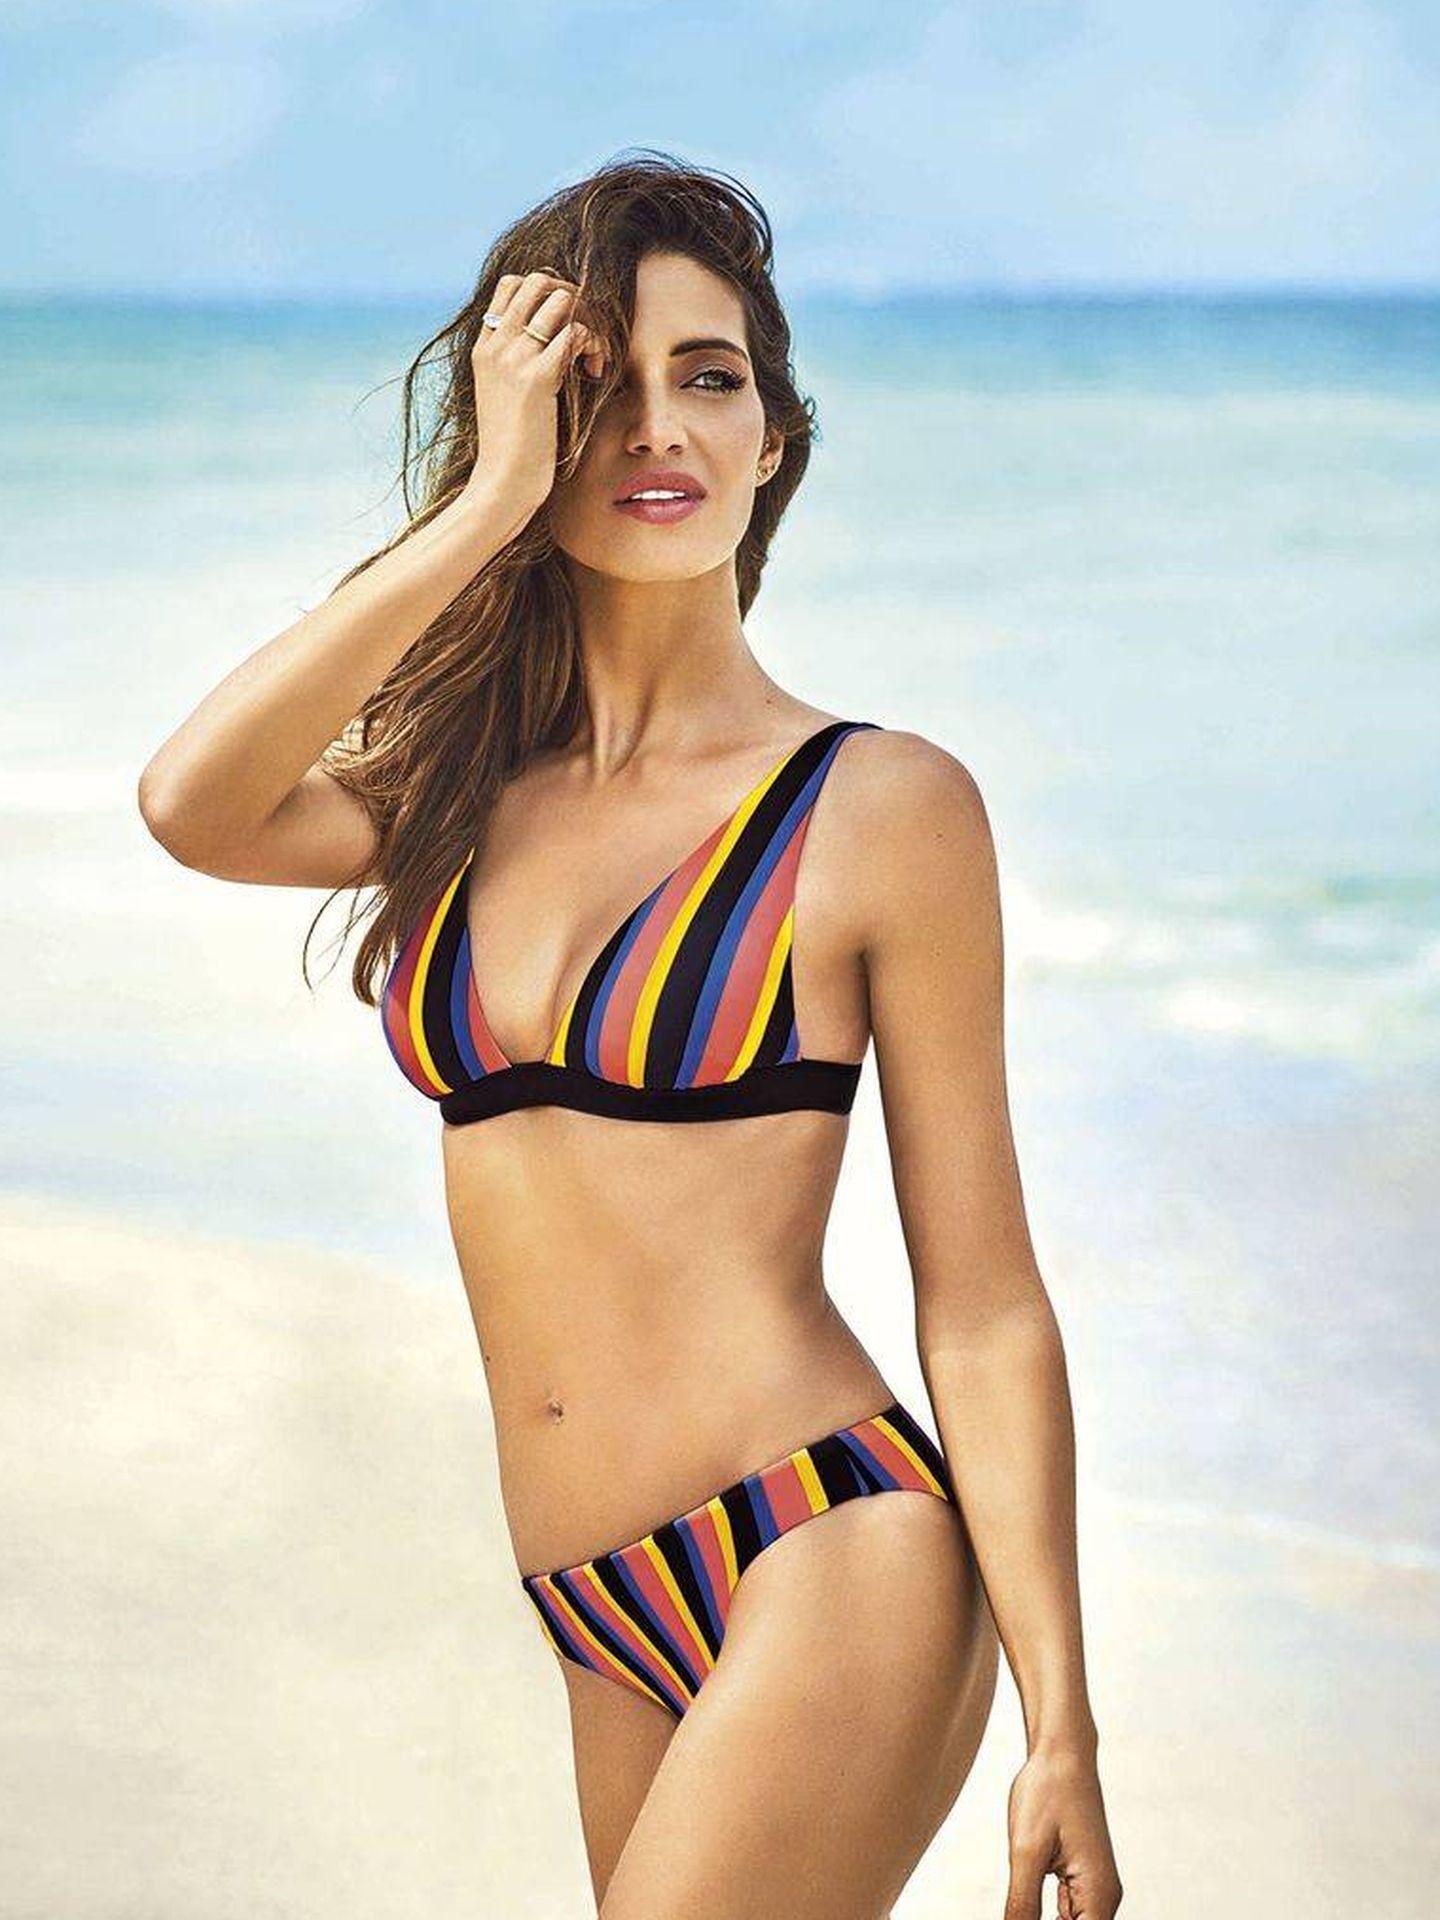 Sara posa con un bikini estampado con rayas verticales. (Instagram)